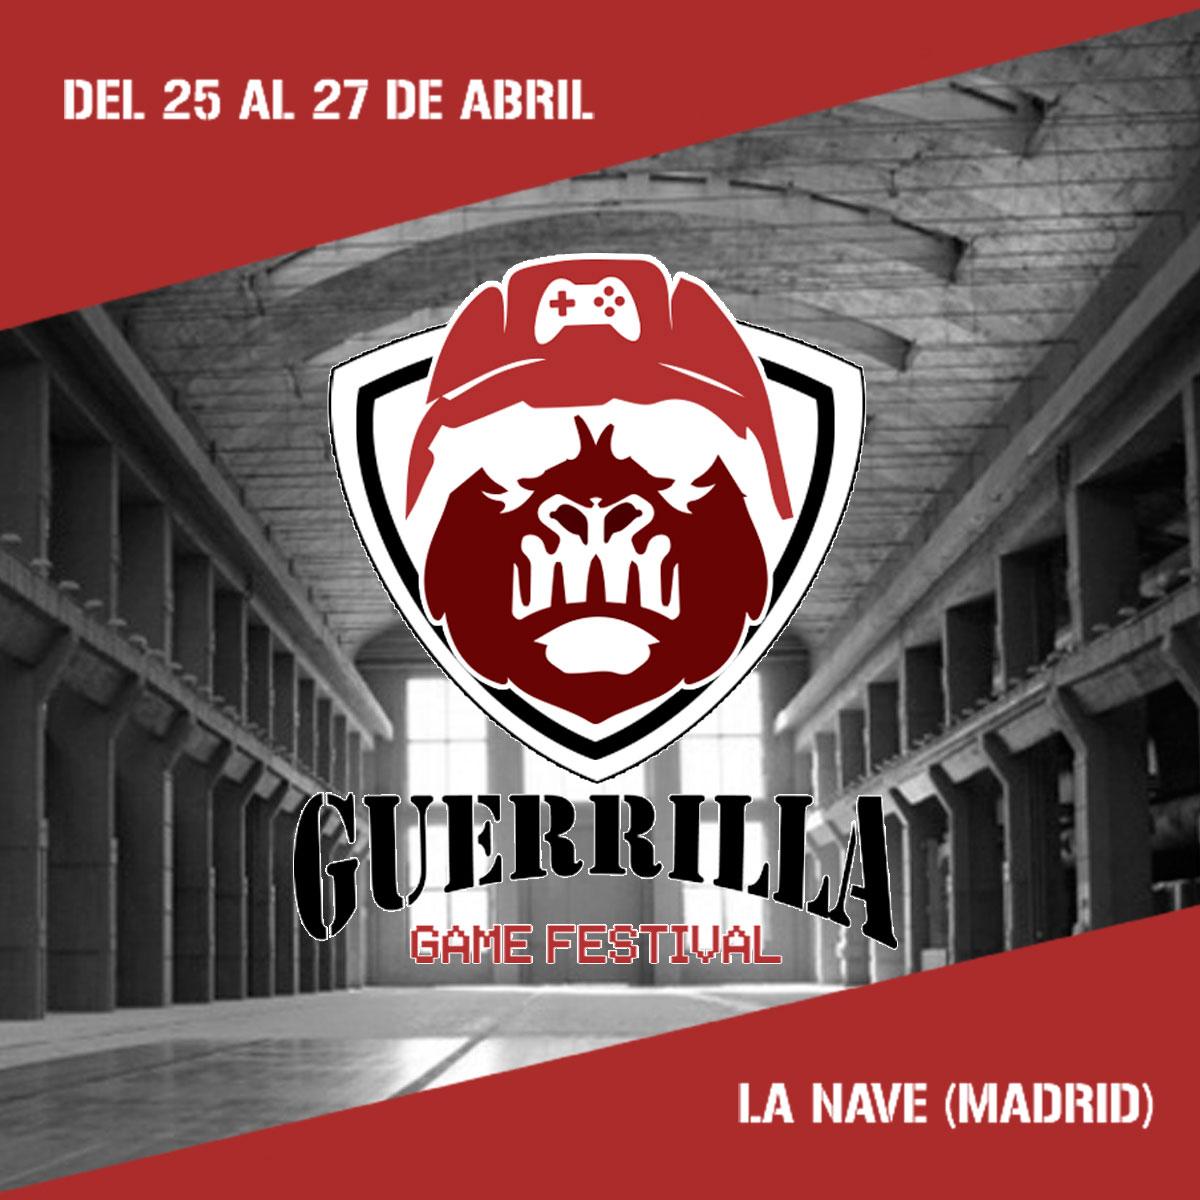 Guerrilla Game Festival 2019